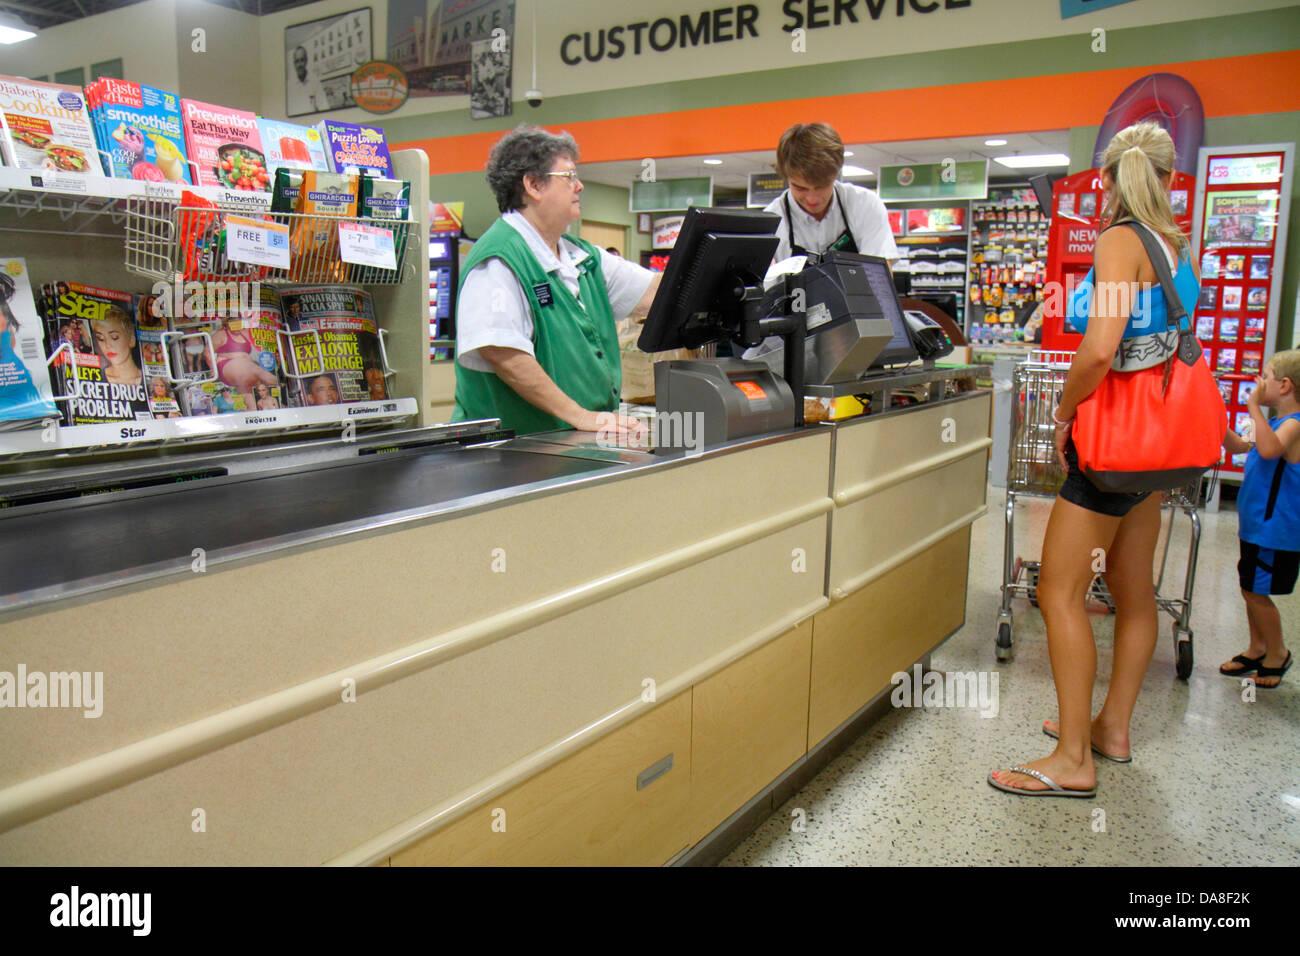 Florida Marco Island Publix Supermarkt Supermarkt Verkauf Warenkorb Kasse Linie Warteschlange Kasse senior Woman Stockbild